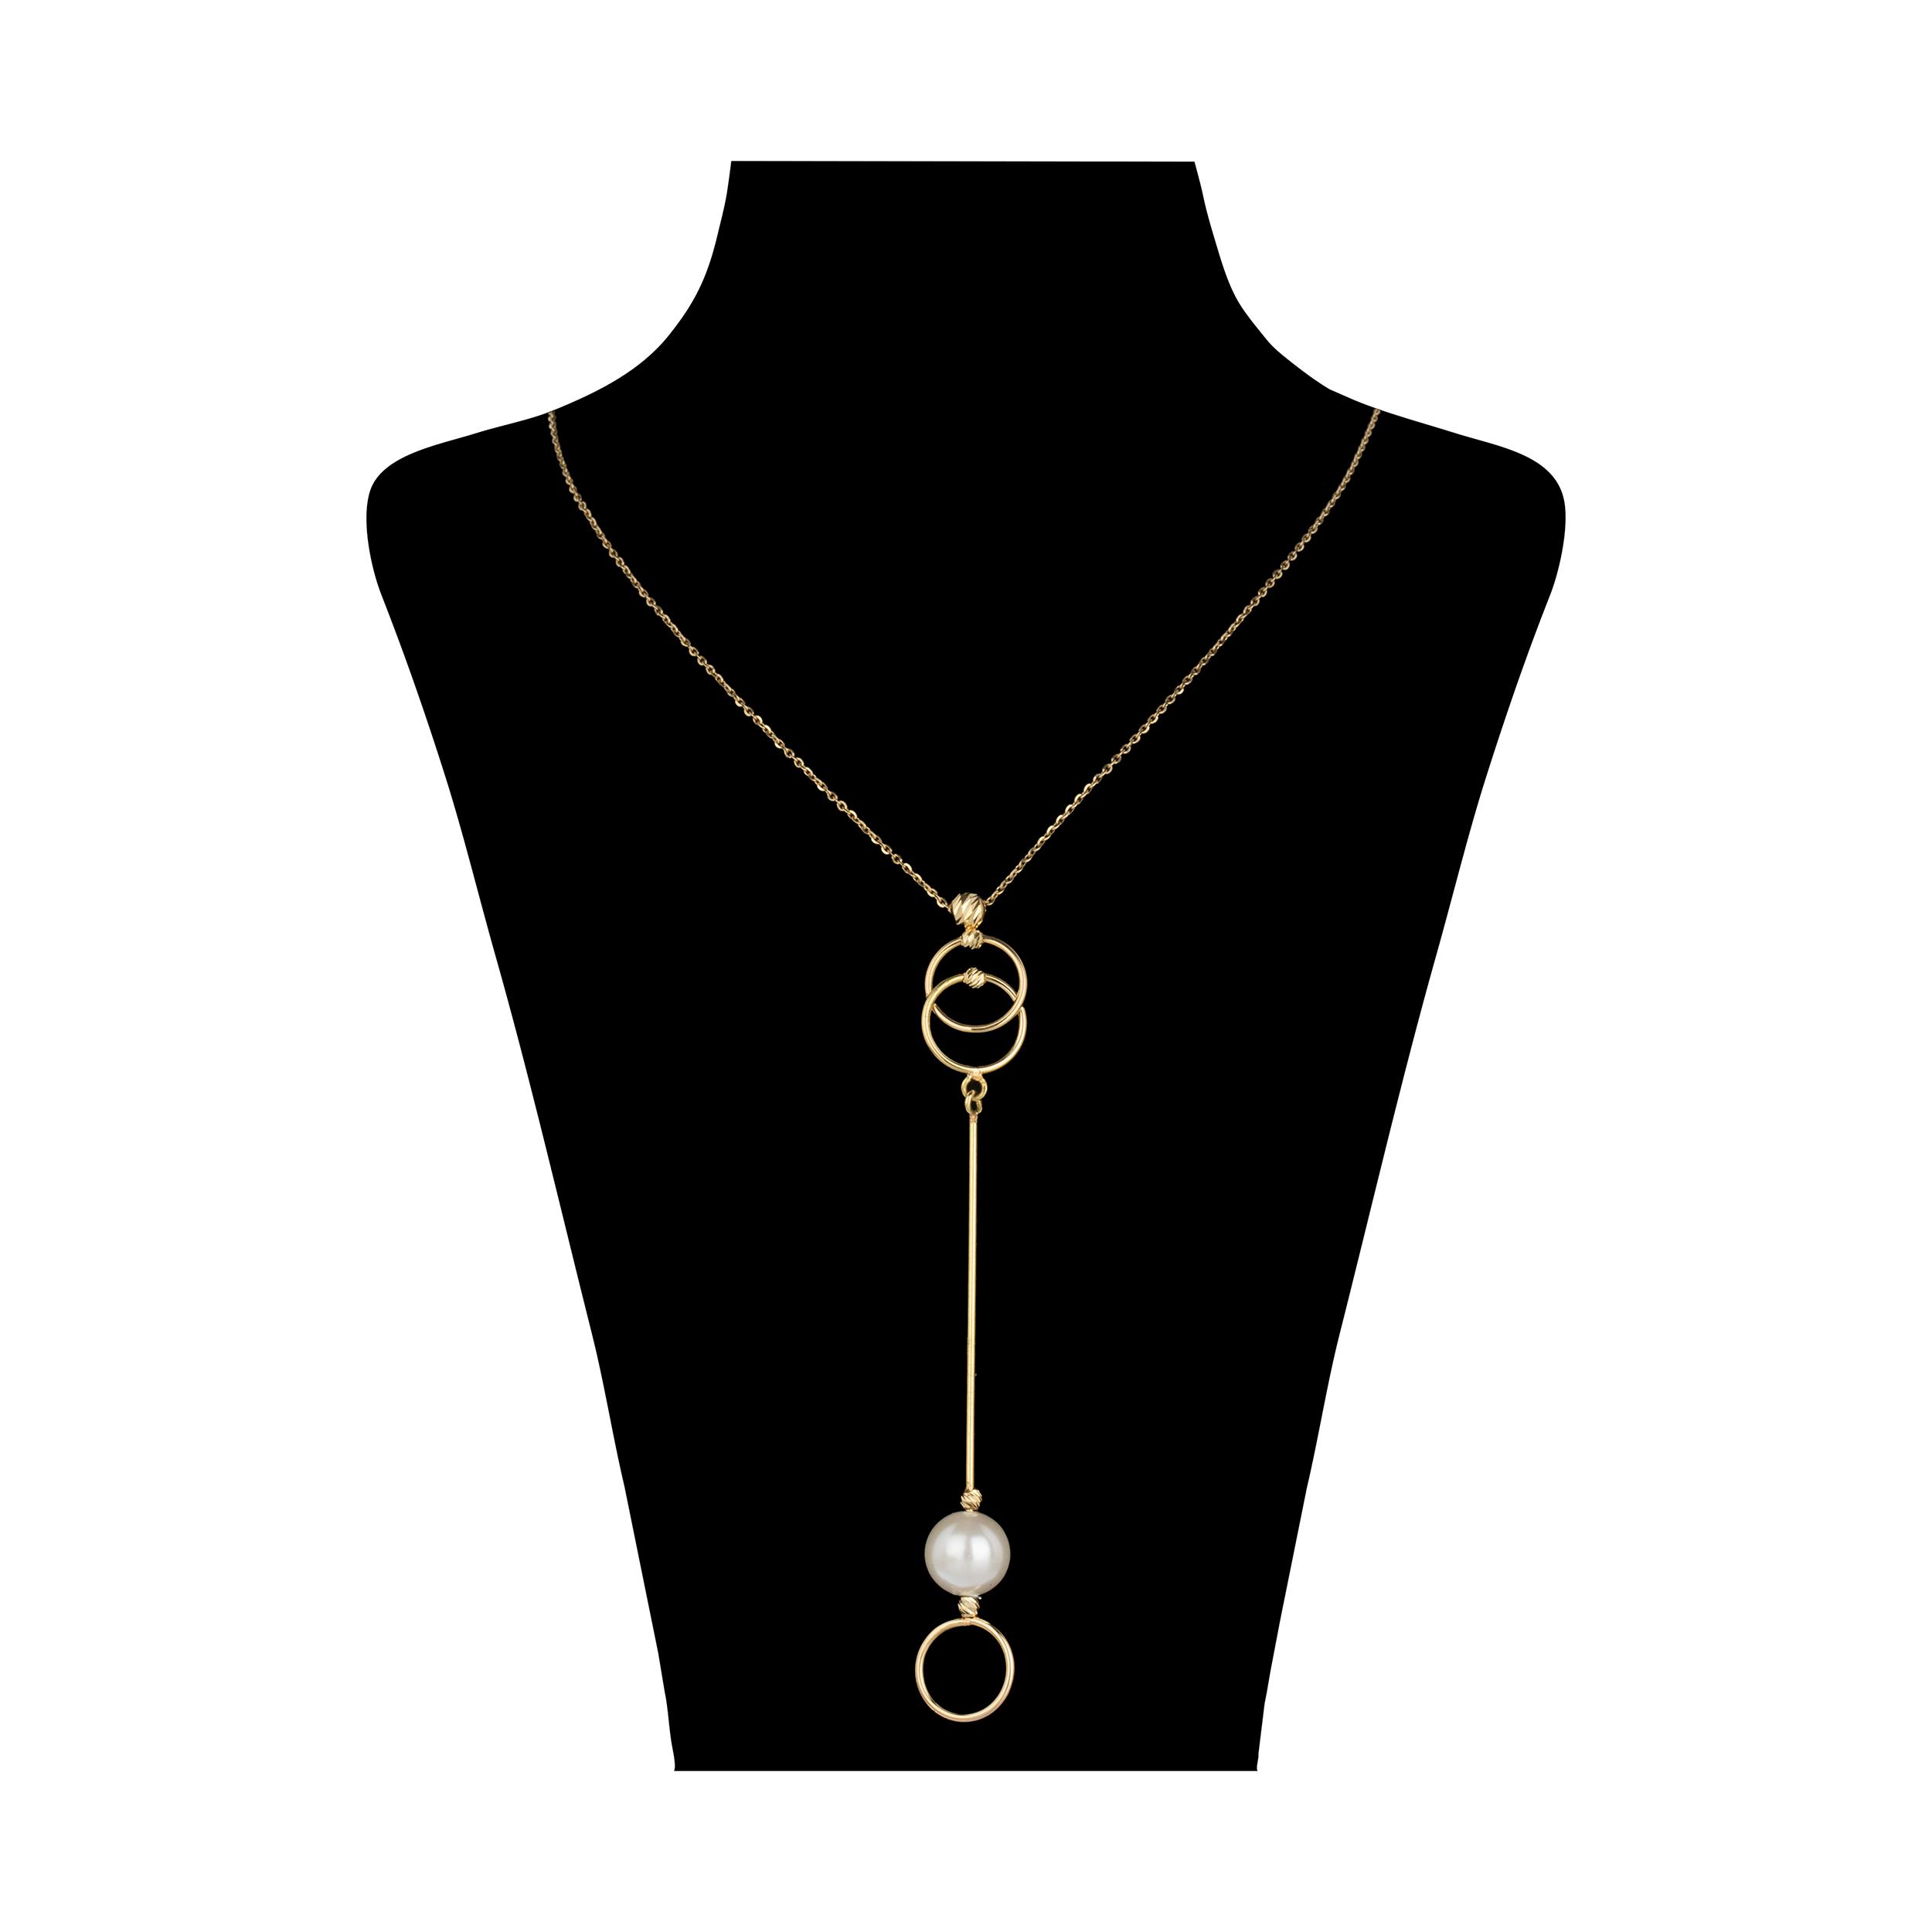 گردنبند طلا 18 عیار زنانه سیودو مدل 147025 -  - 2